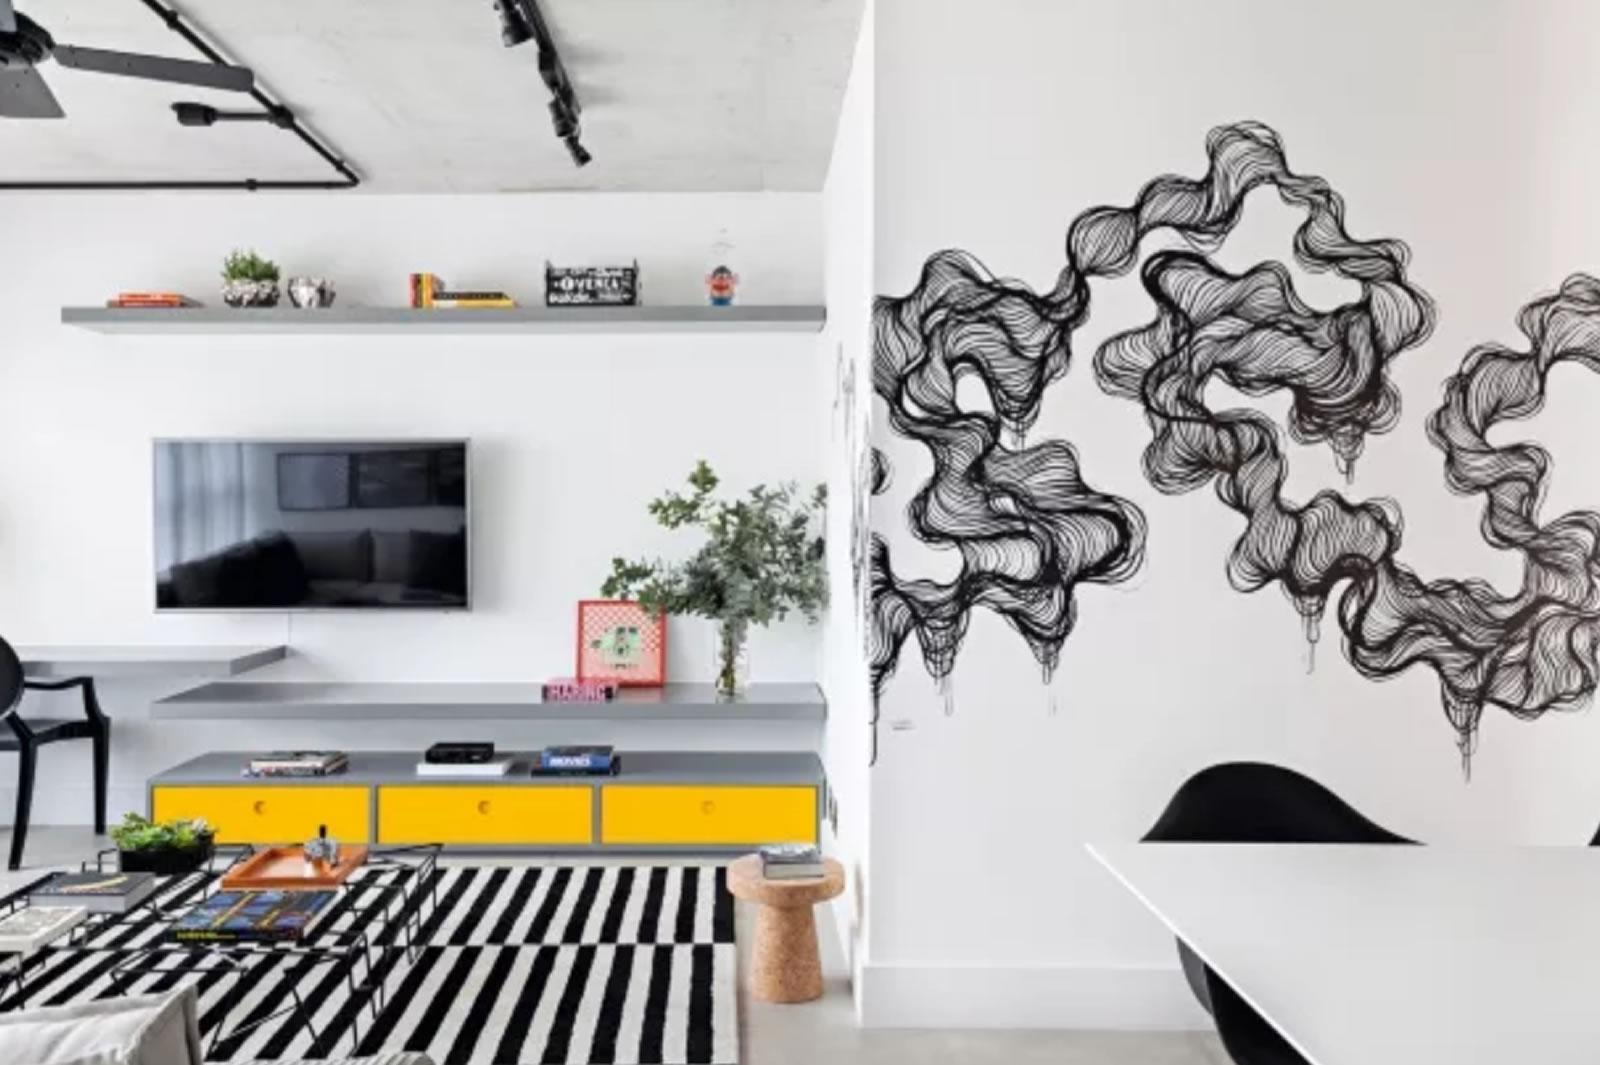 Giuliano Martinuzzo - A intervenção no living surgiu da ideia do escritório Now Arquitetura de trazer um toque descolado ao décor de uma jovem publicitária. As linhas conferem movimento ao ambiente (Foto Divulgação)